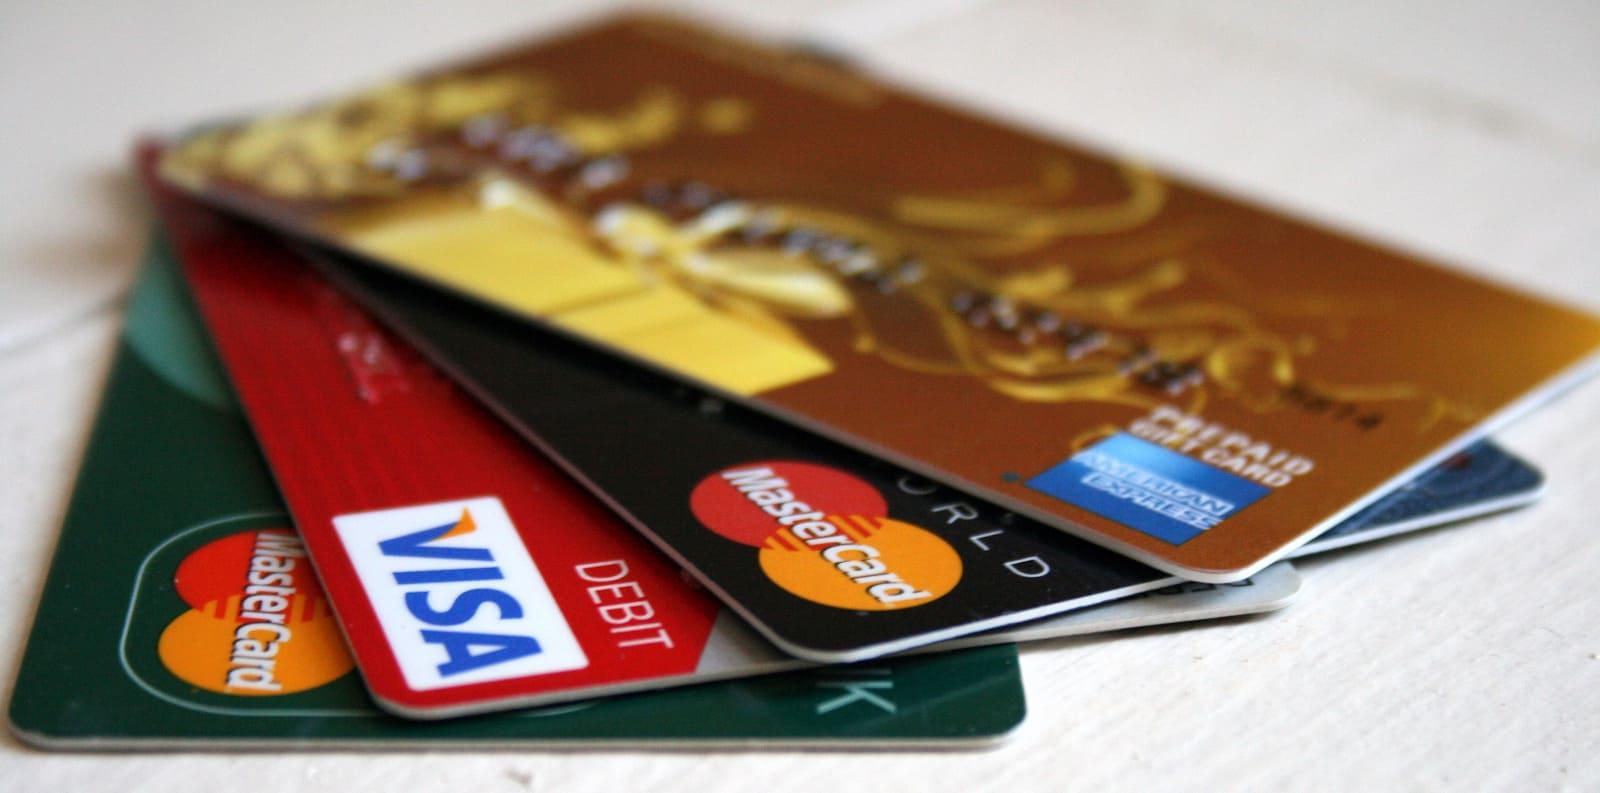 hướng dẫn chi tiết vay tiền bằng thẻ tín dụng